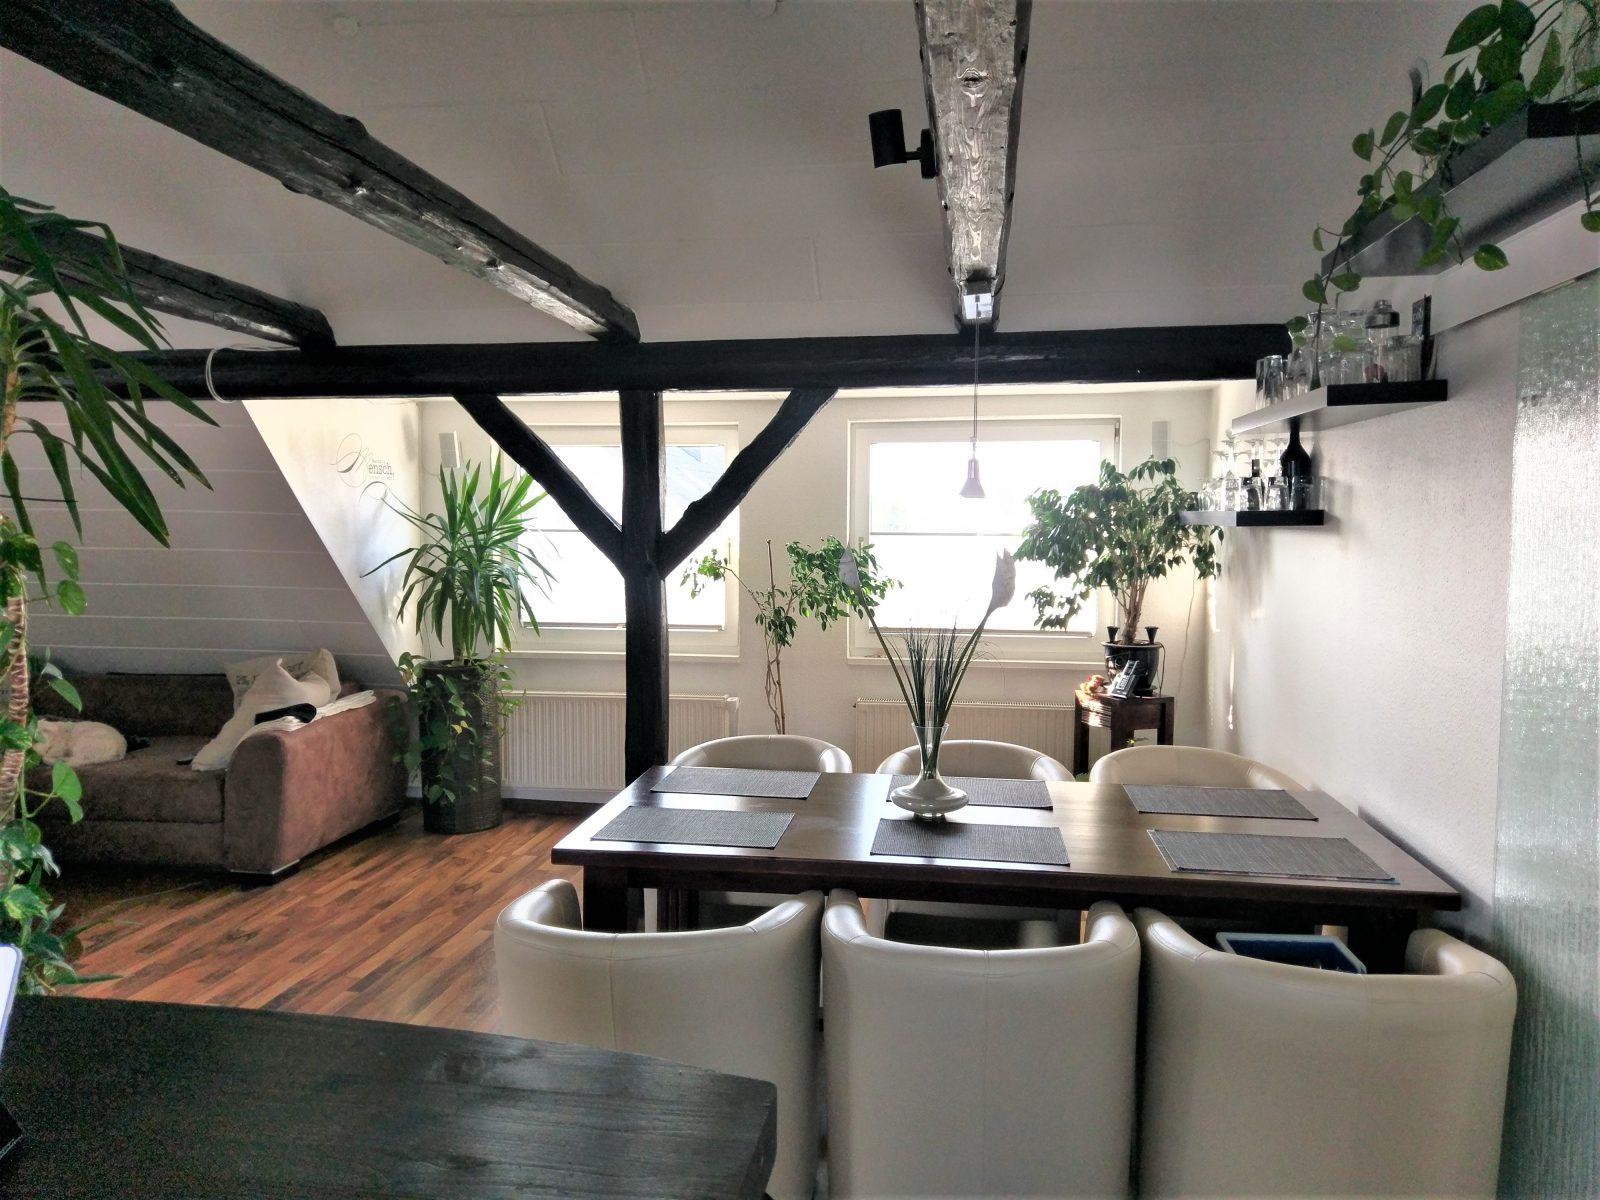 Wohnung, Hondelage, schick, offene Holzbalken